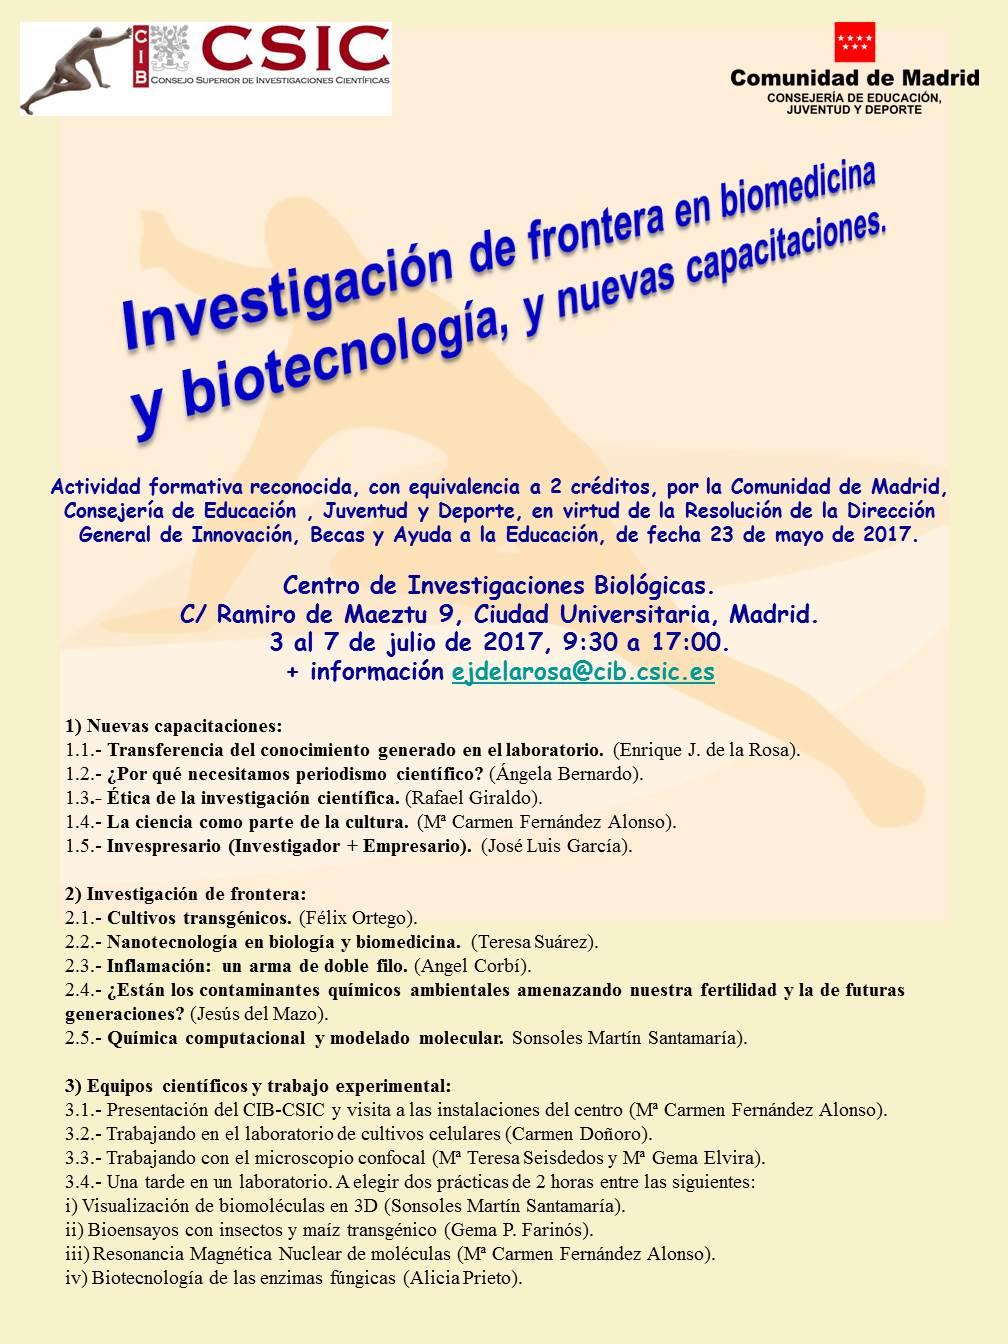 Facilities   Centro de Investigaciones Biológicas - CIB